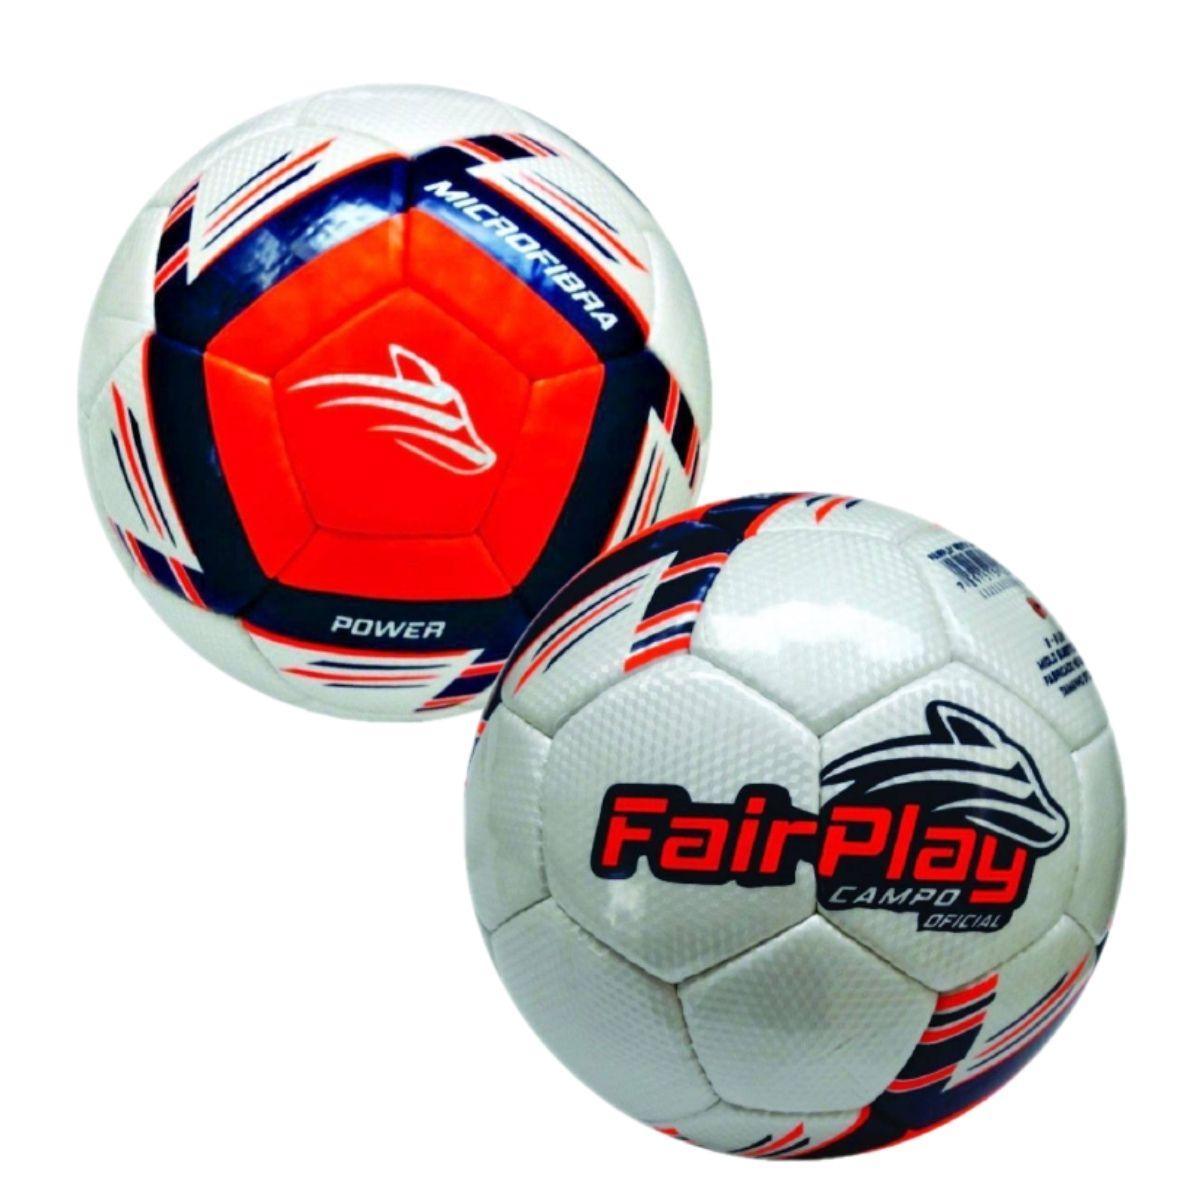 Kit 2 Bolas Futebol Campo Fairplay Power